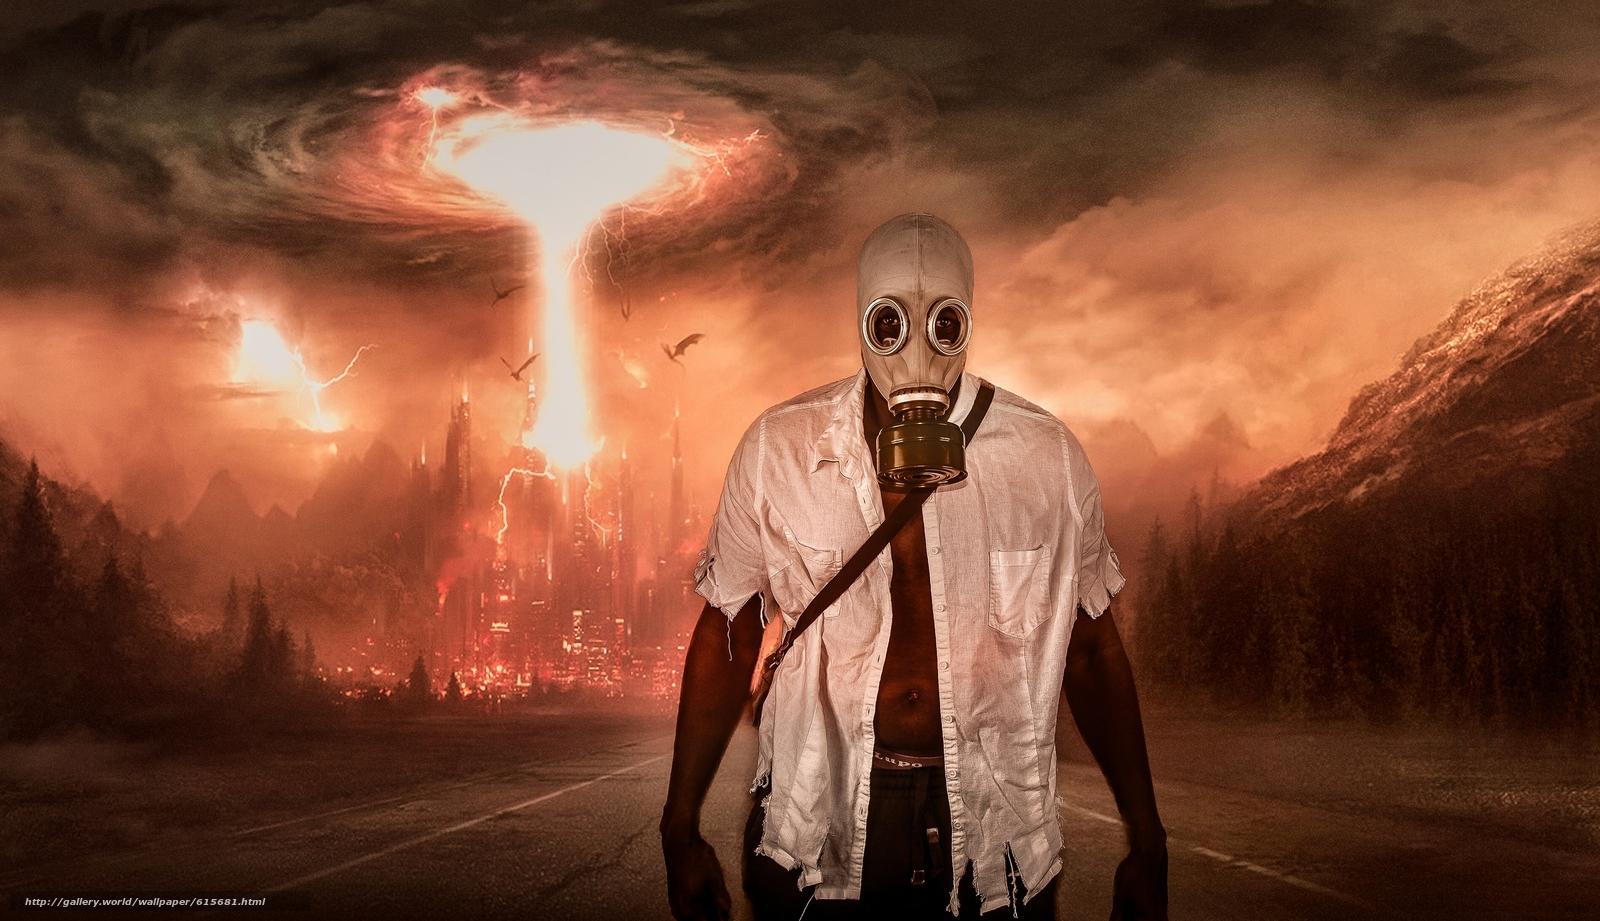 апокалипсис, взрыв, мужик, противогаз, дорога